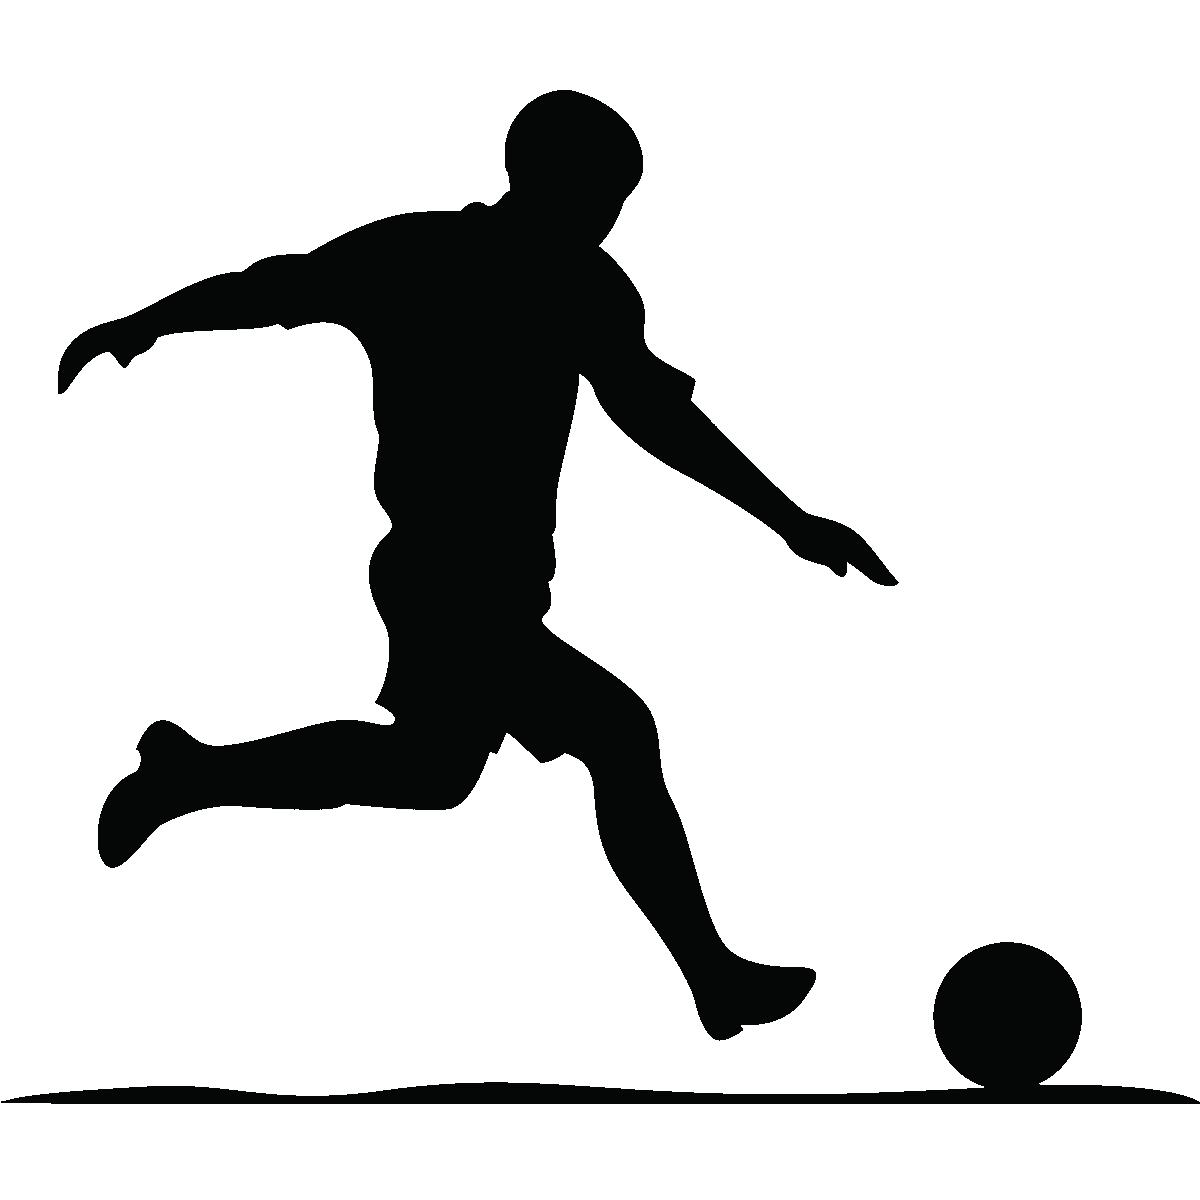 http://residenciasdonelias.com.ve/imagenes/futbol.png